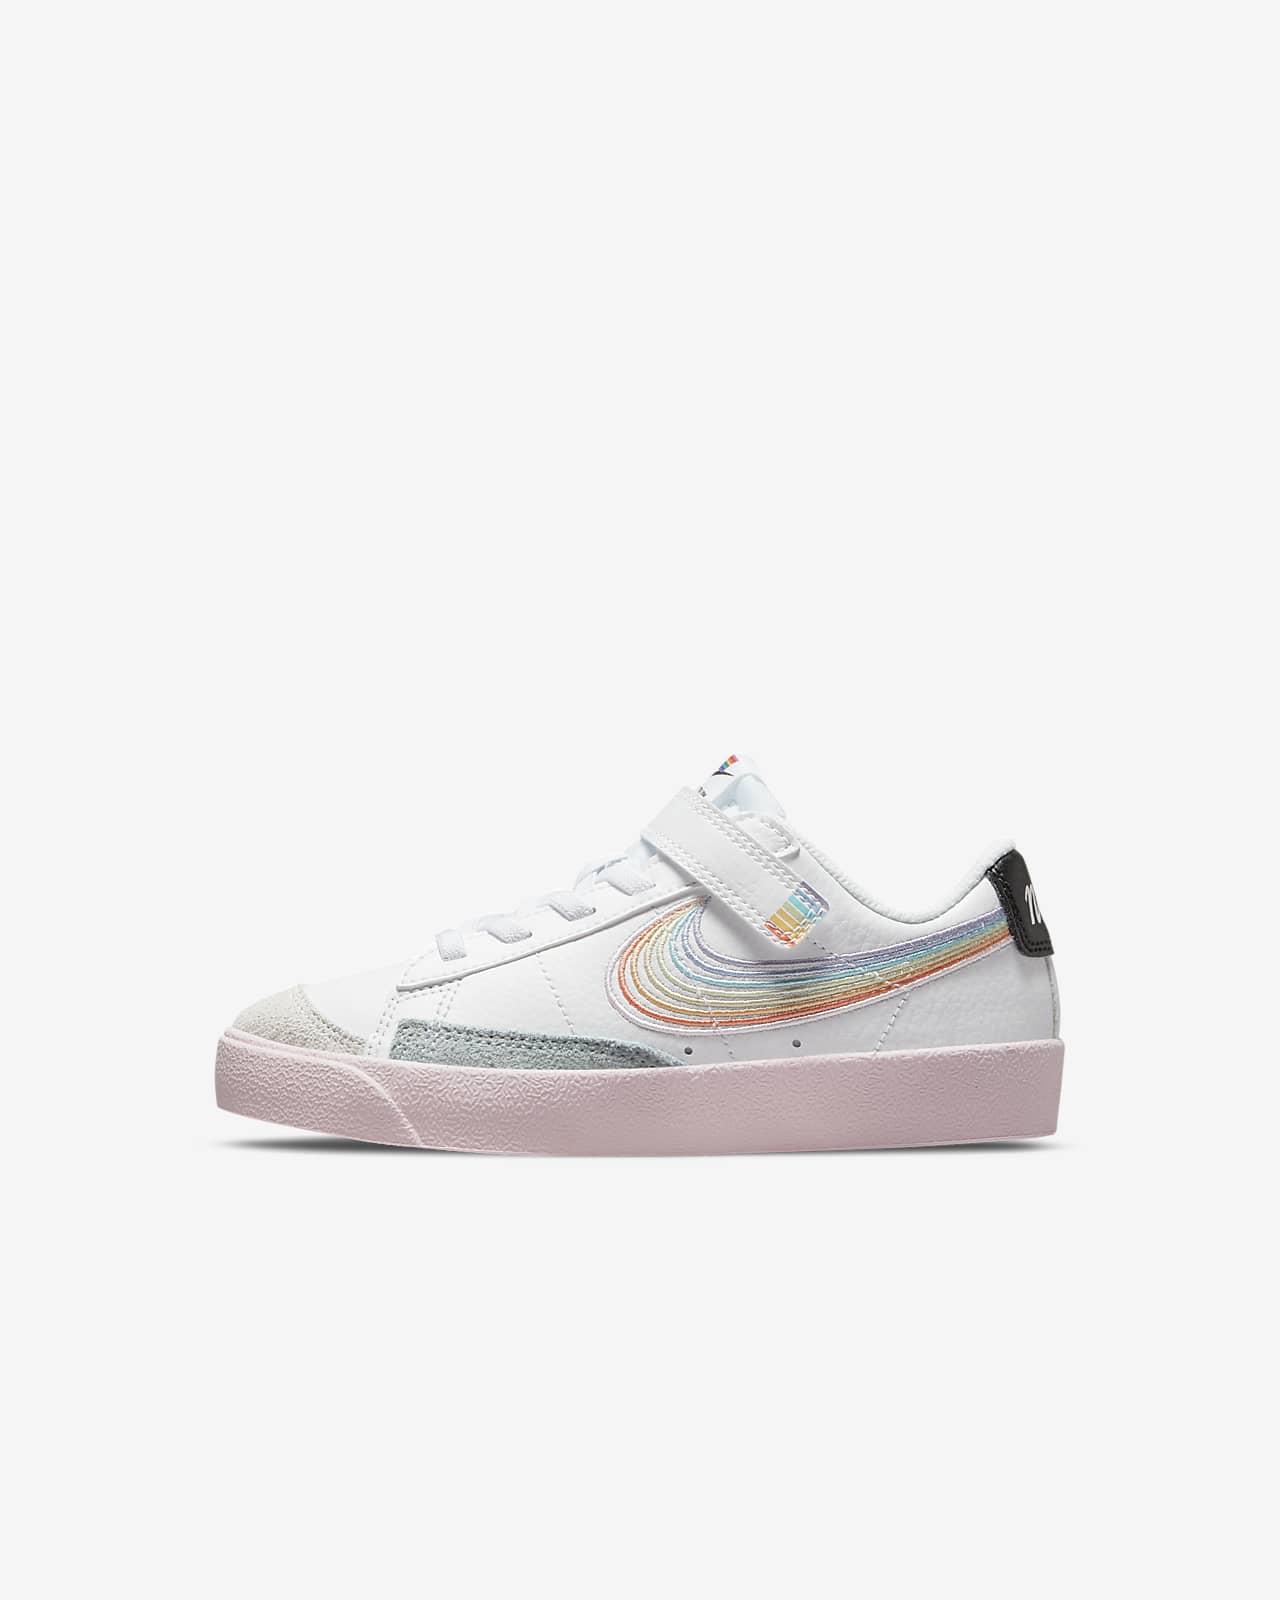 Παπούτσι Nike Blazer Low '77 Be True για μικρά παιδιά